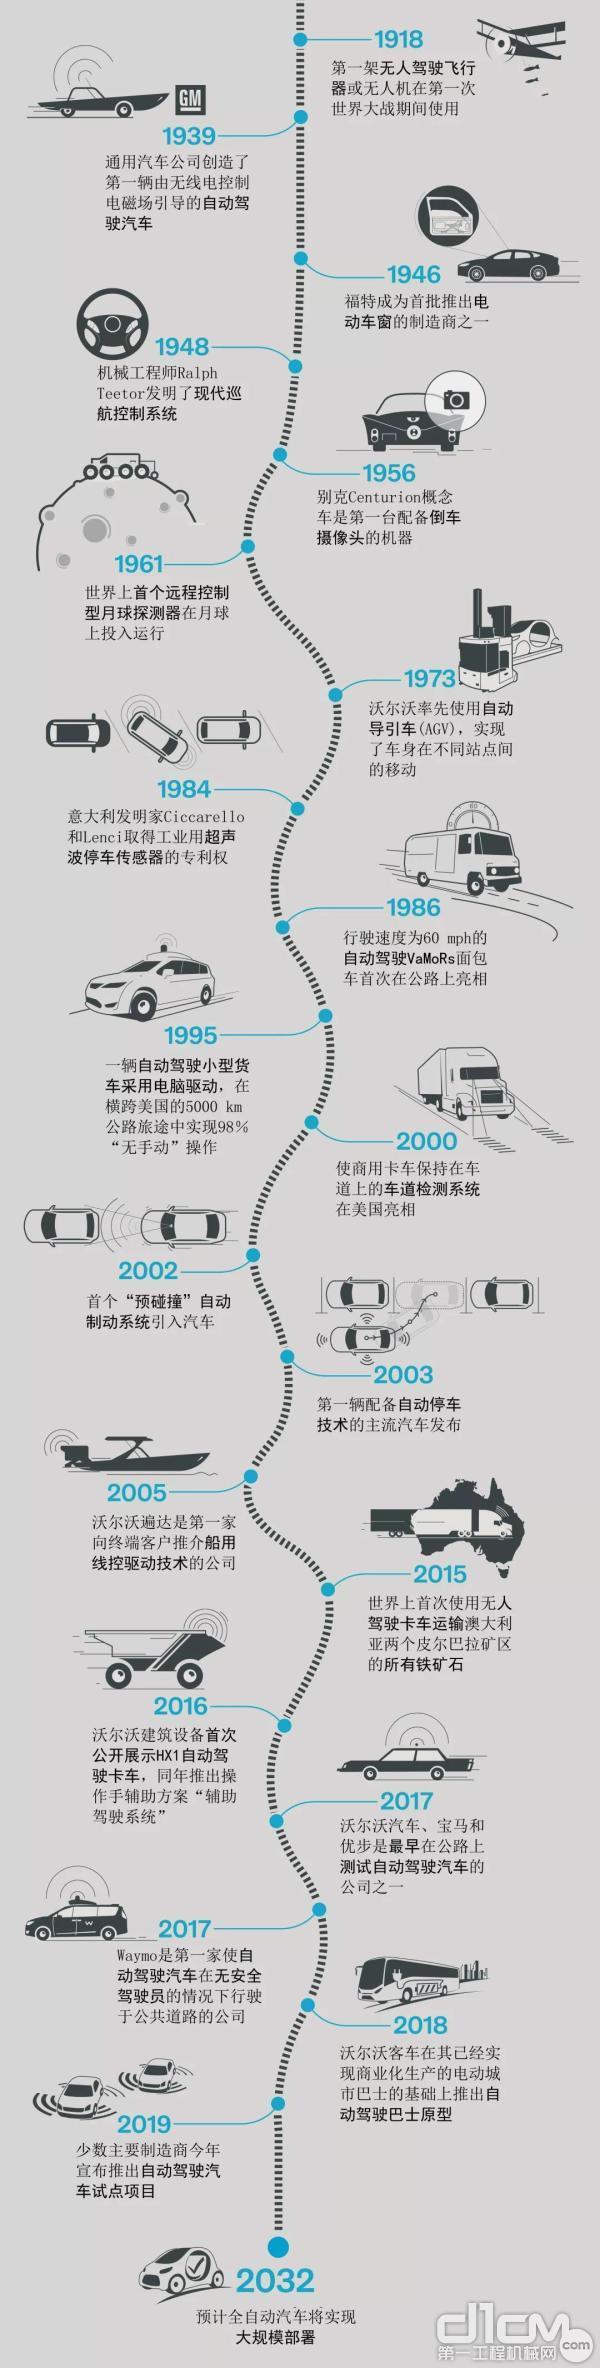 百年自动化之旅